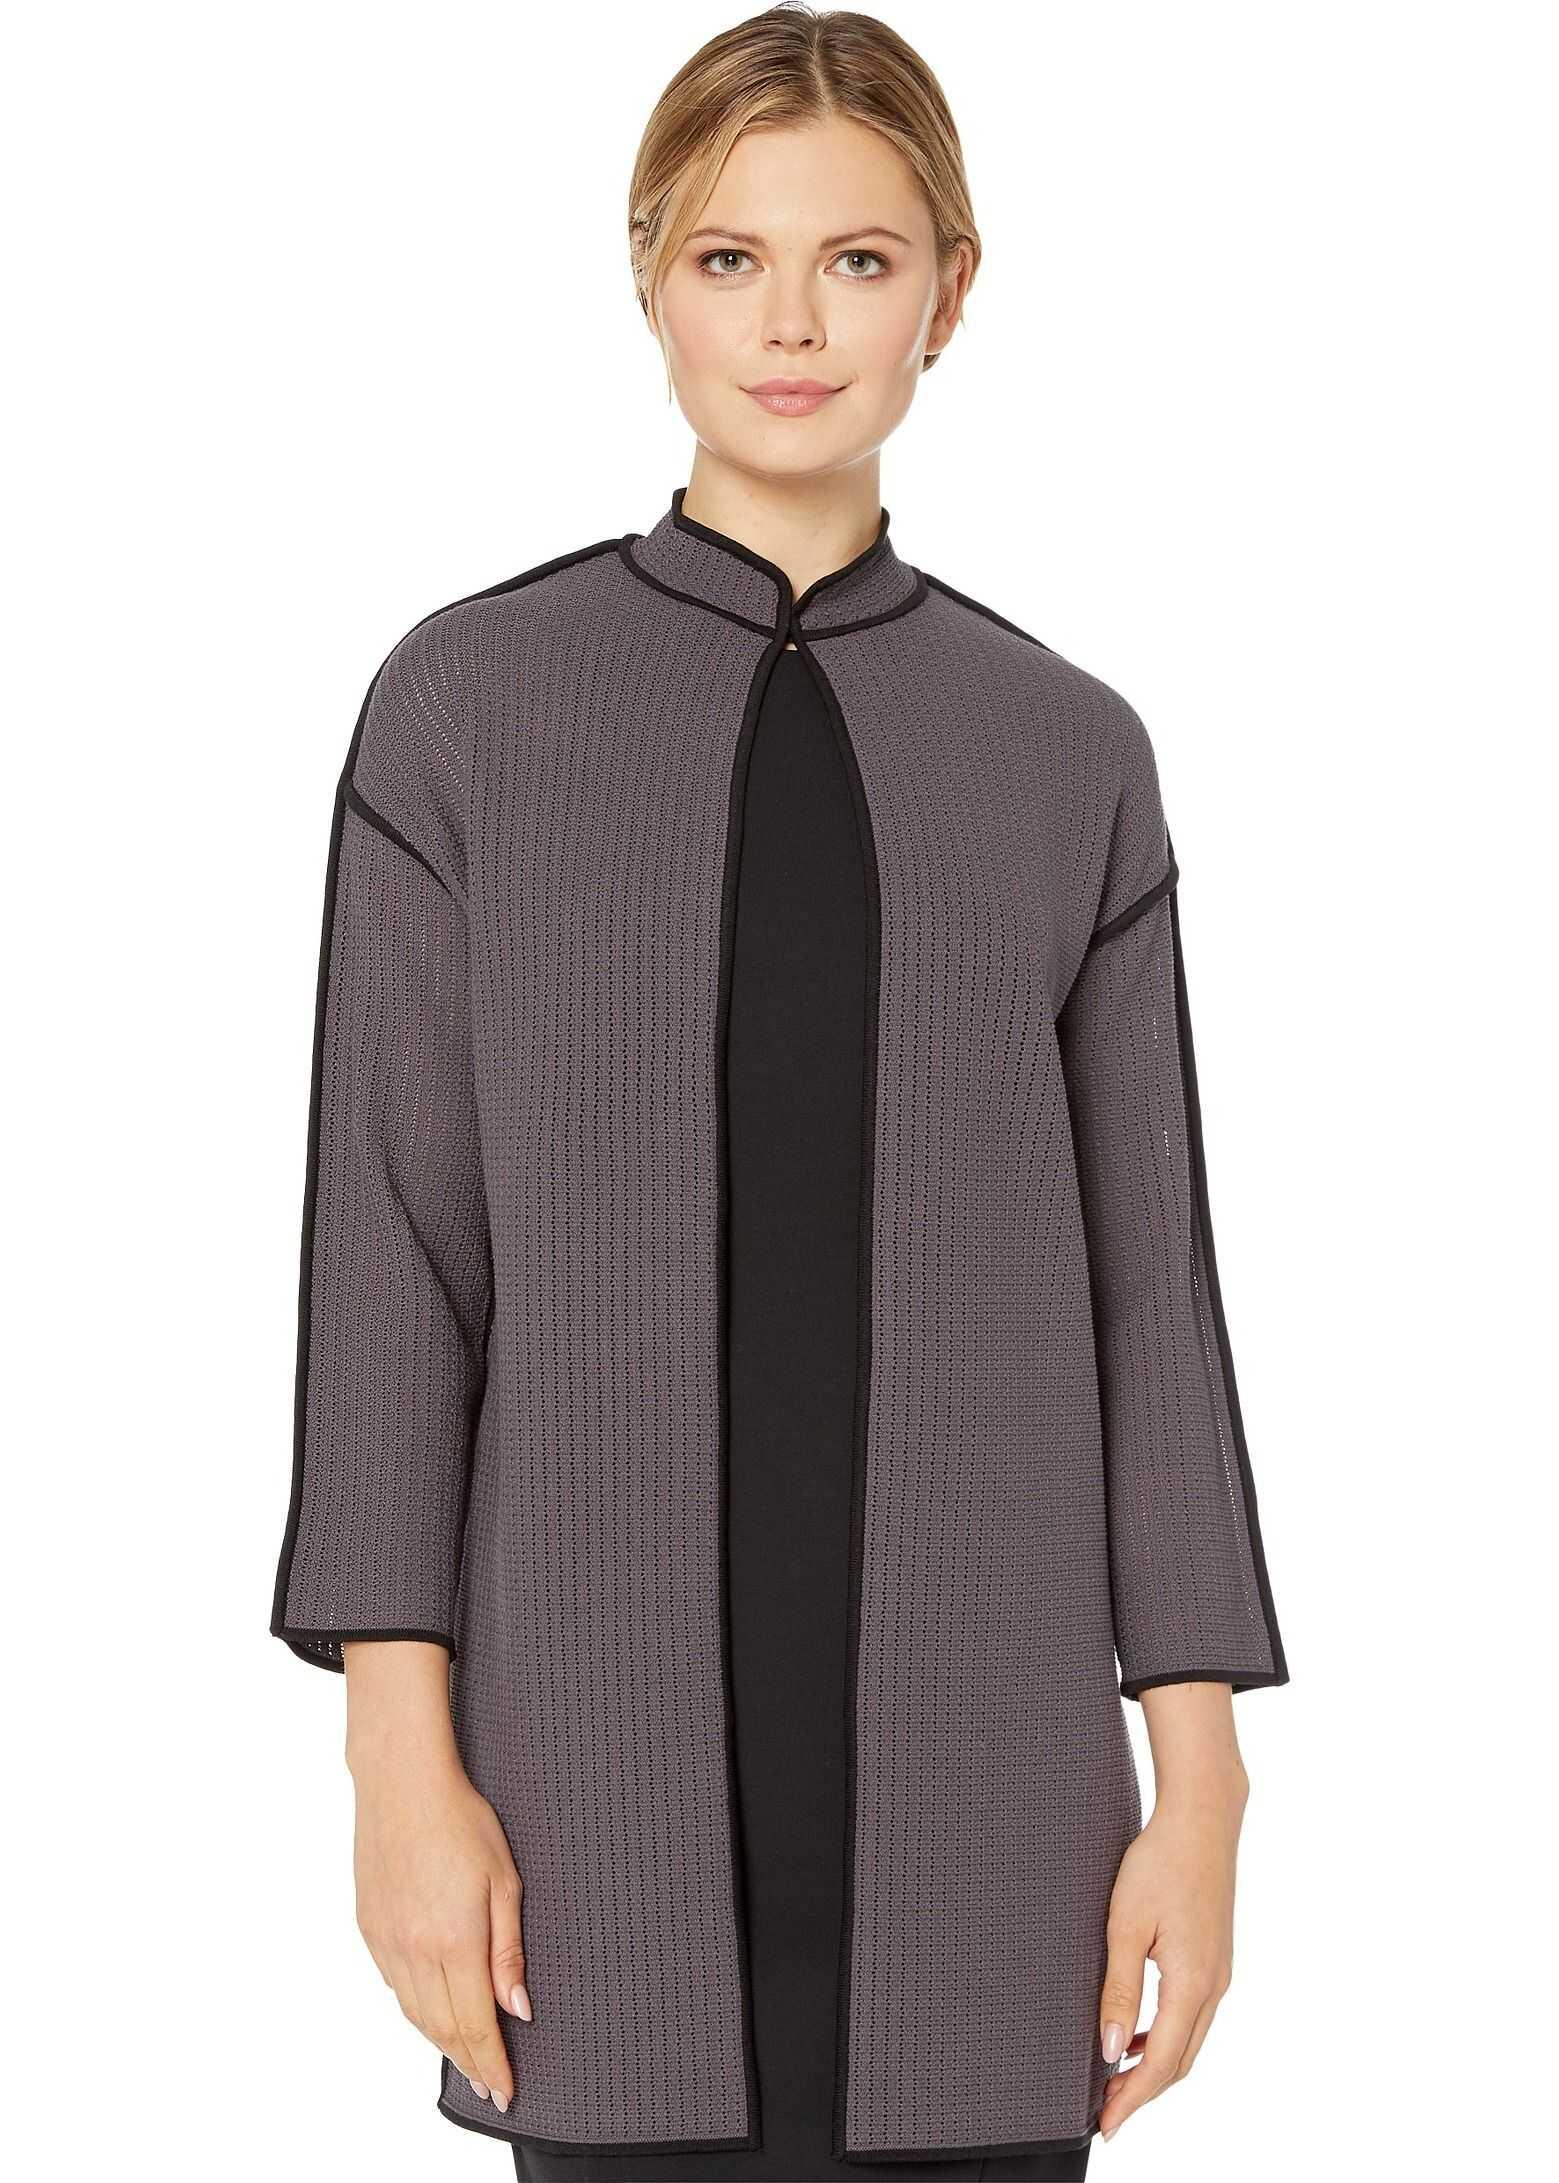 Anne Klein Sweater Jacket Nantucket Grey/Anne Black